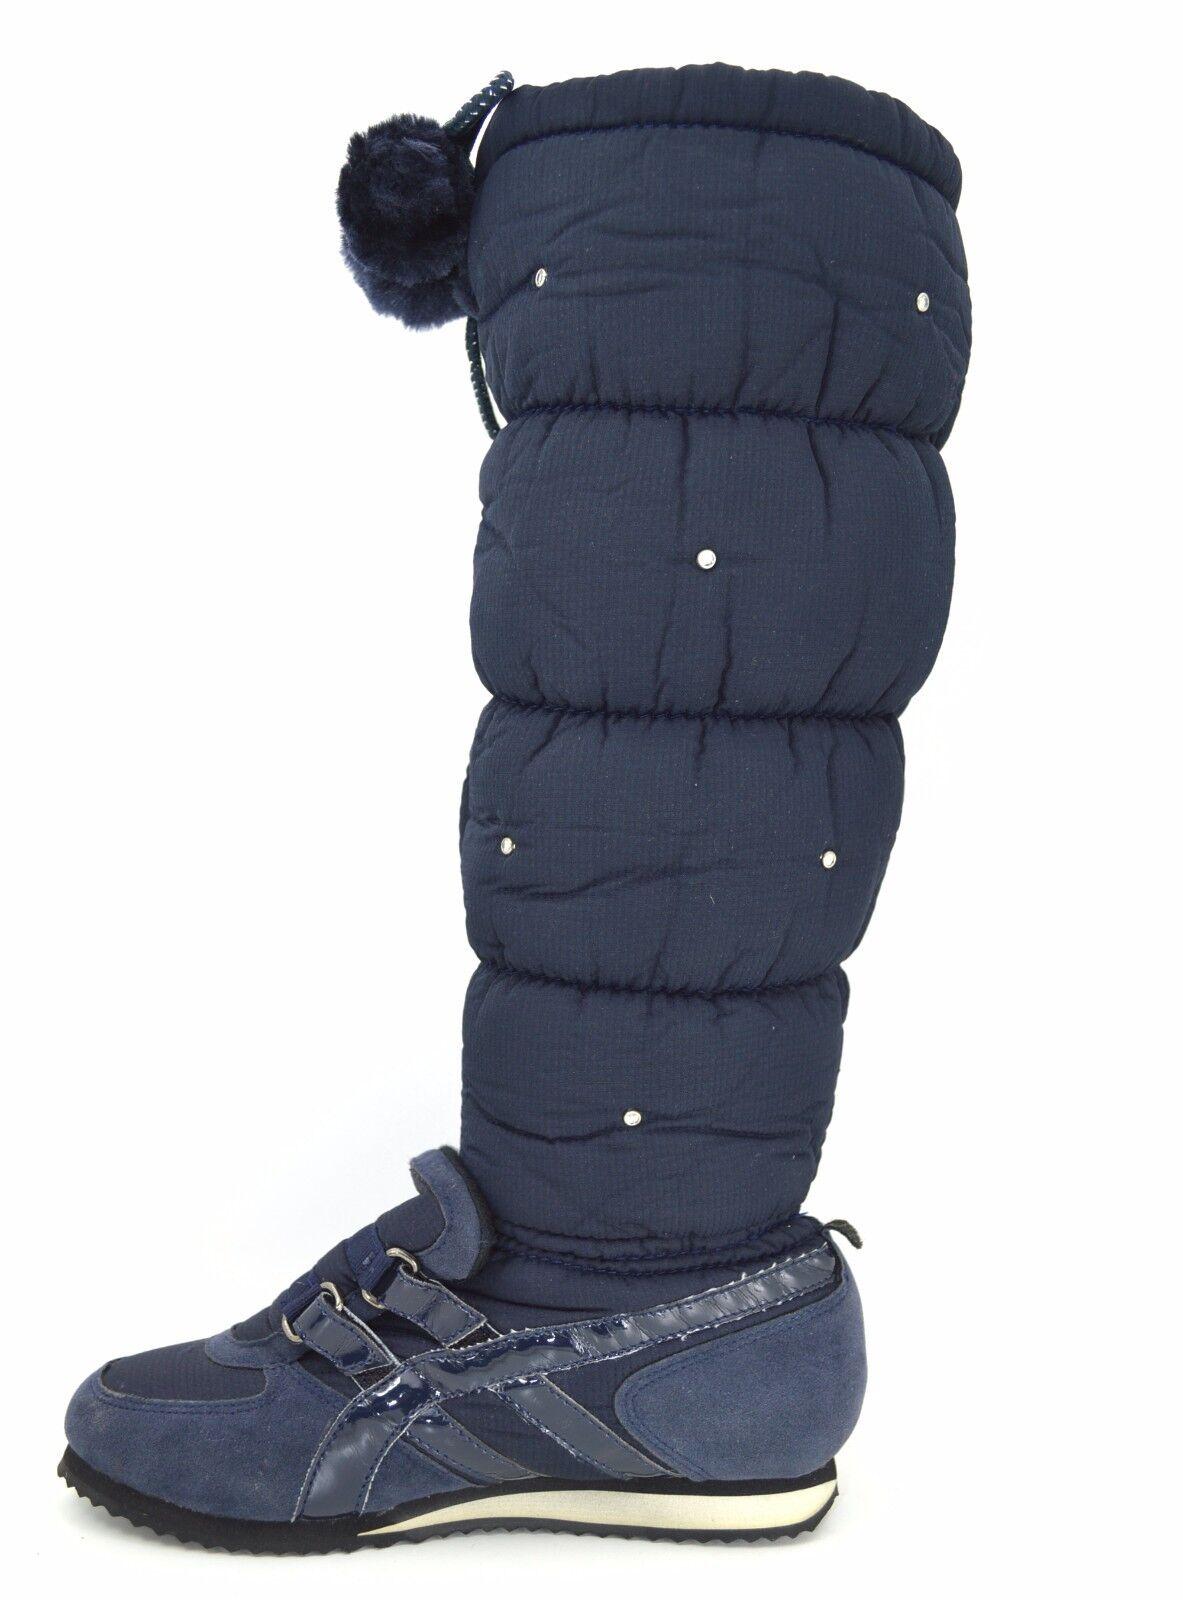 95a8b356d1dbc2 Stivali donna doposci caldi imbottiti scarpe bambina da neve scarponi  invernali